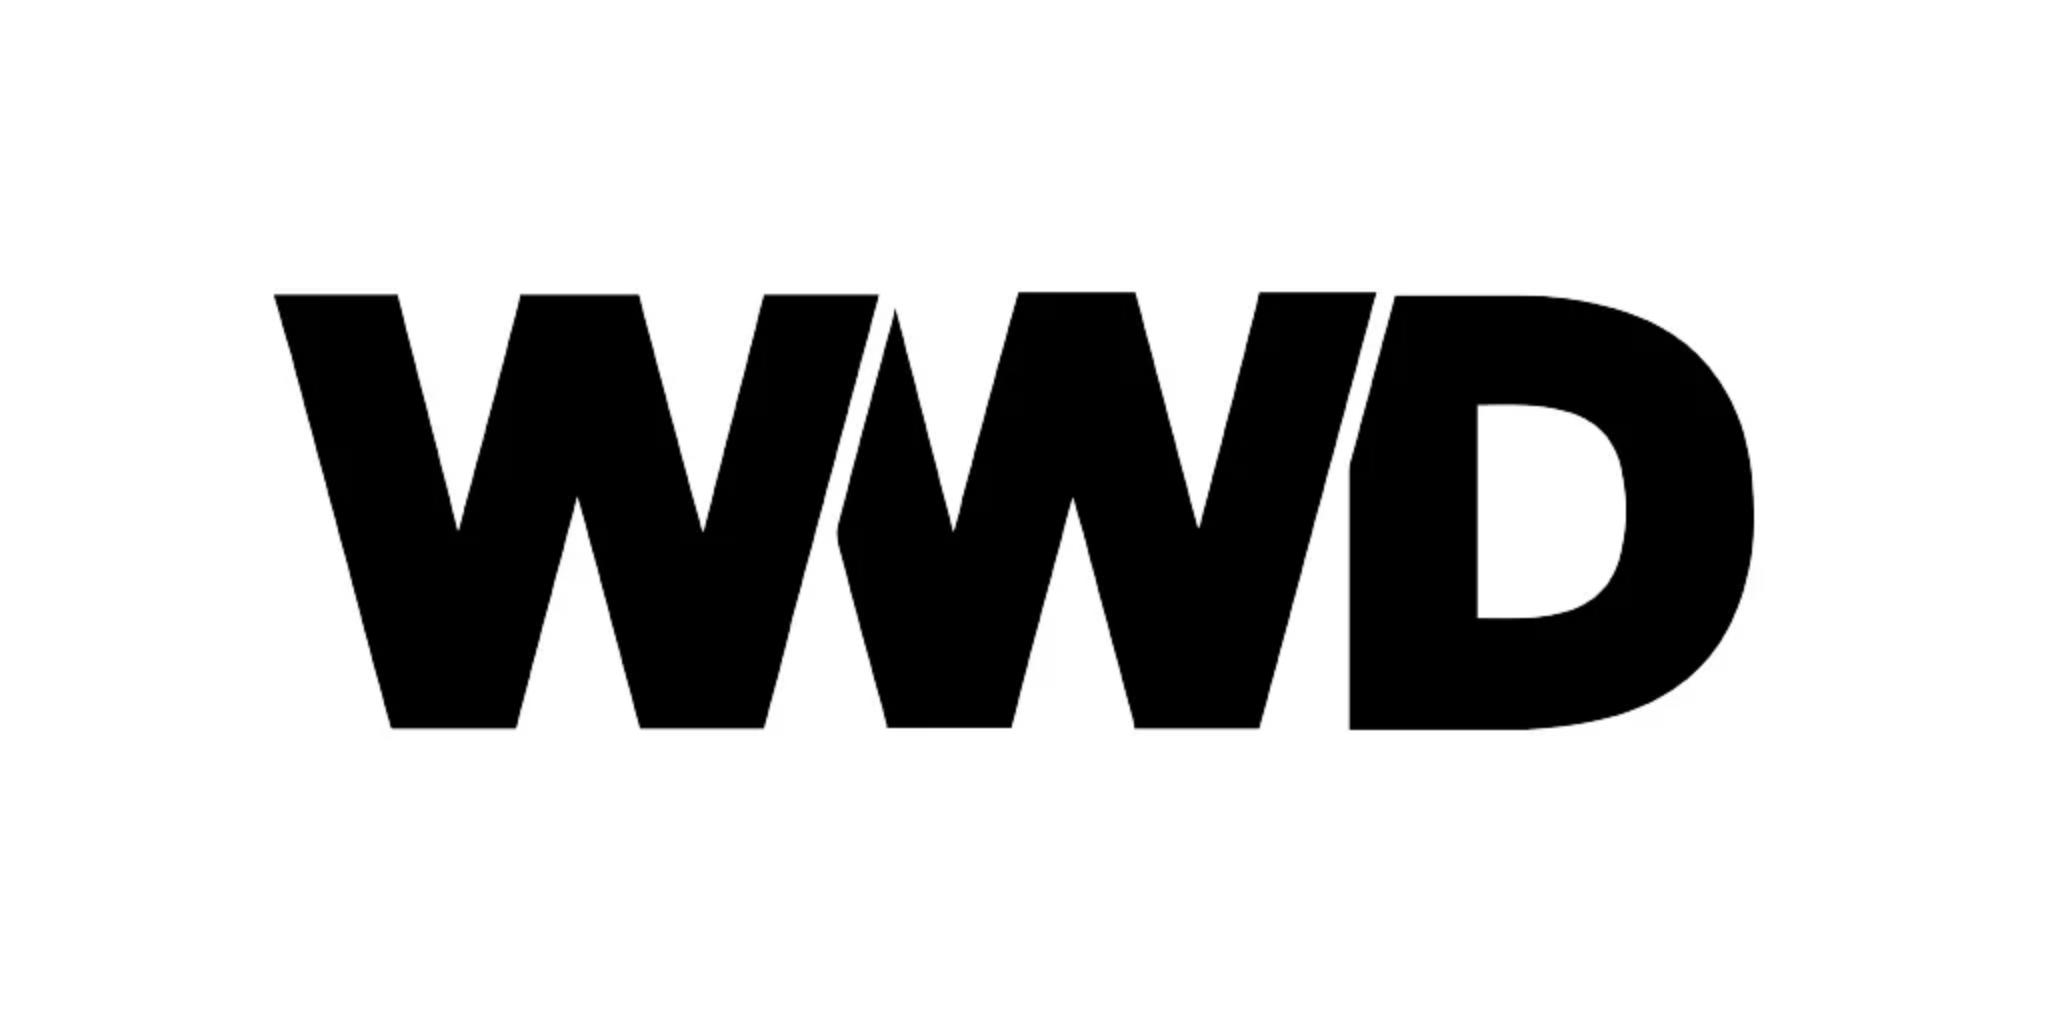 Image of Press wwd logo